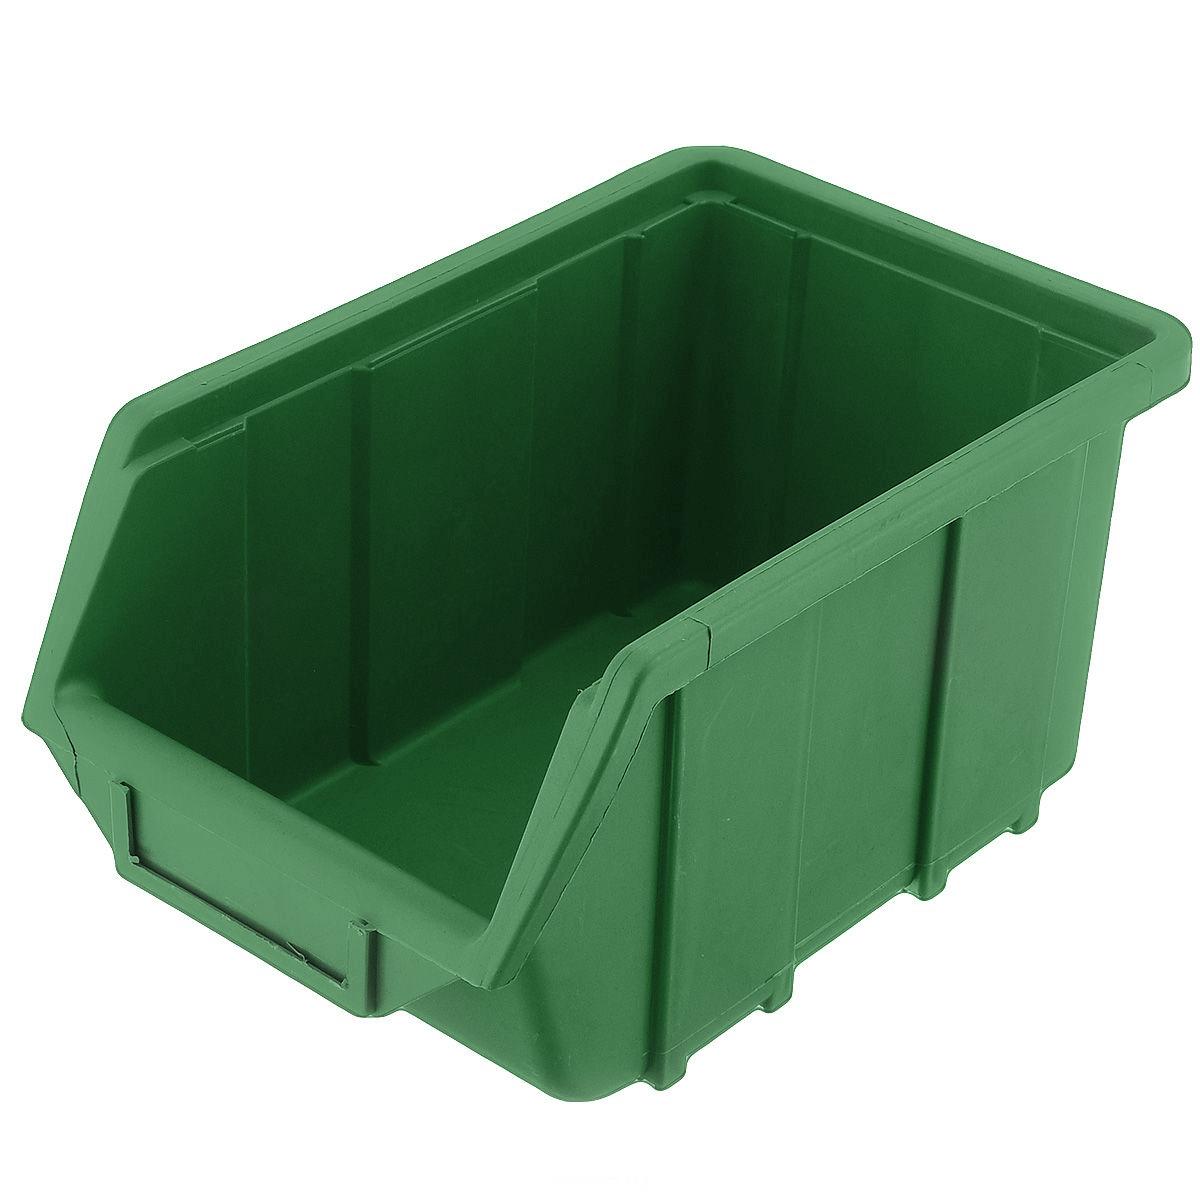 Ящик для метизов Альтернатива, цвет: зеленый, 25 х 16 х 13 см M450M450_зеленыйЯщик для метизов Альтернатива, цвет: зеленый, 25 см х 16 см х 13 см. M450